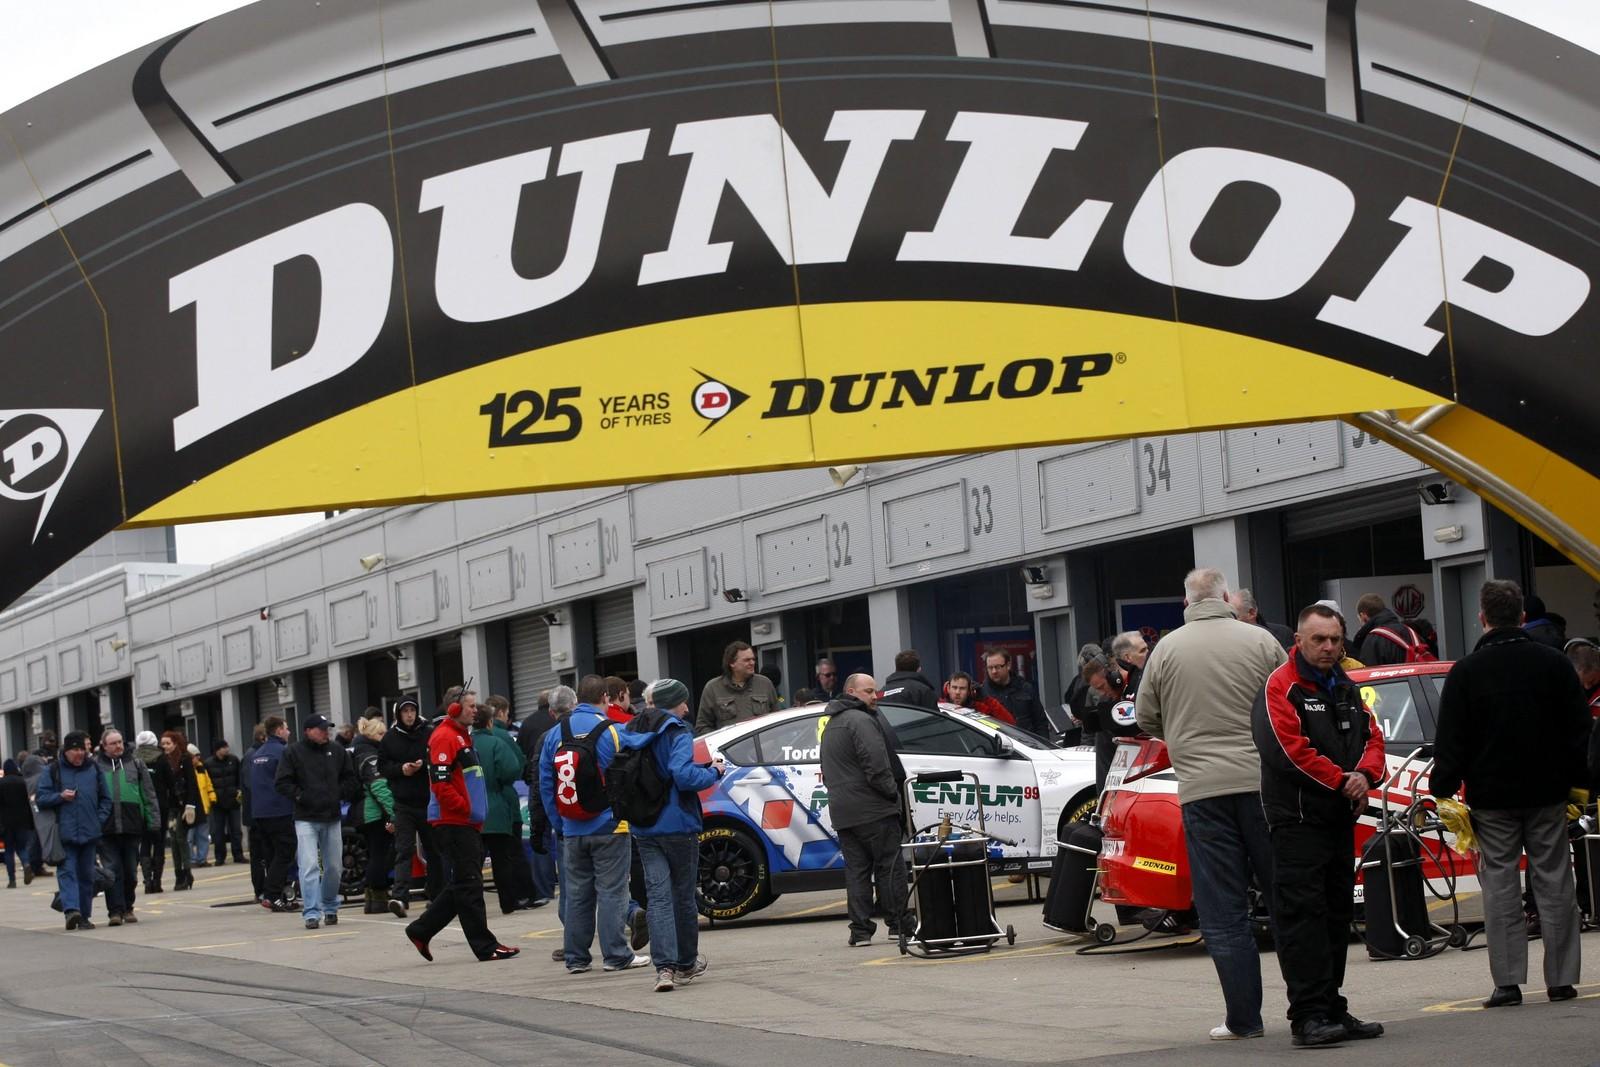 Dunlop prefigurează o implicare sporită în viitoarele curse de anduranţă din WEC